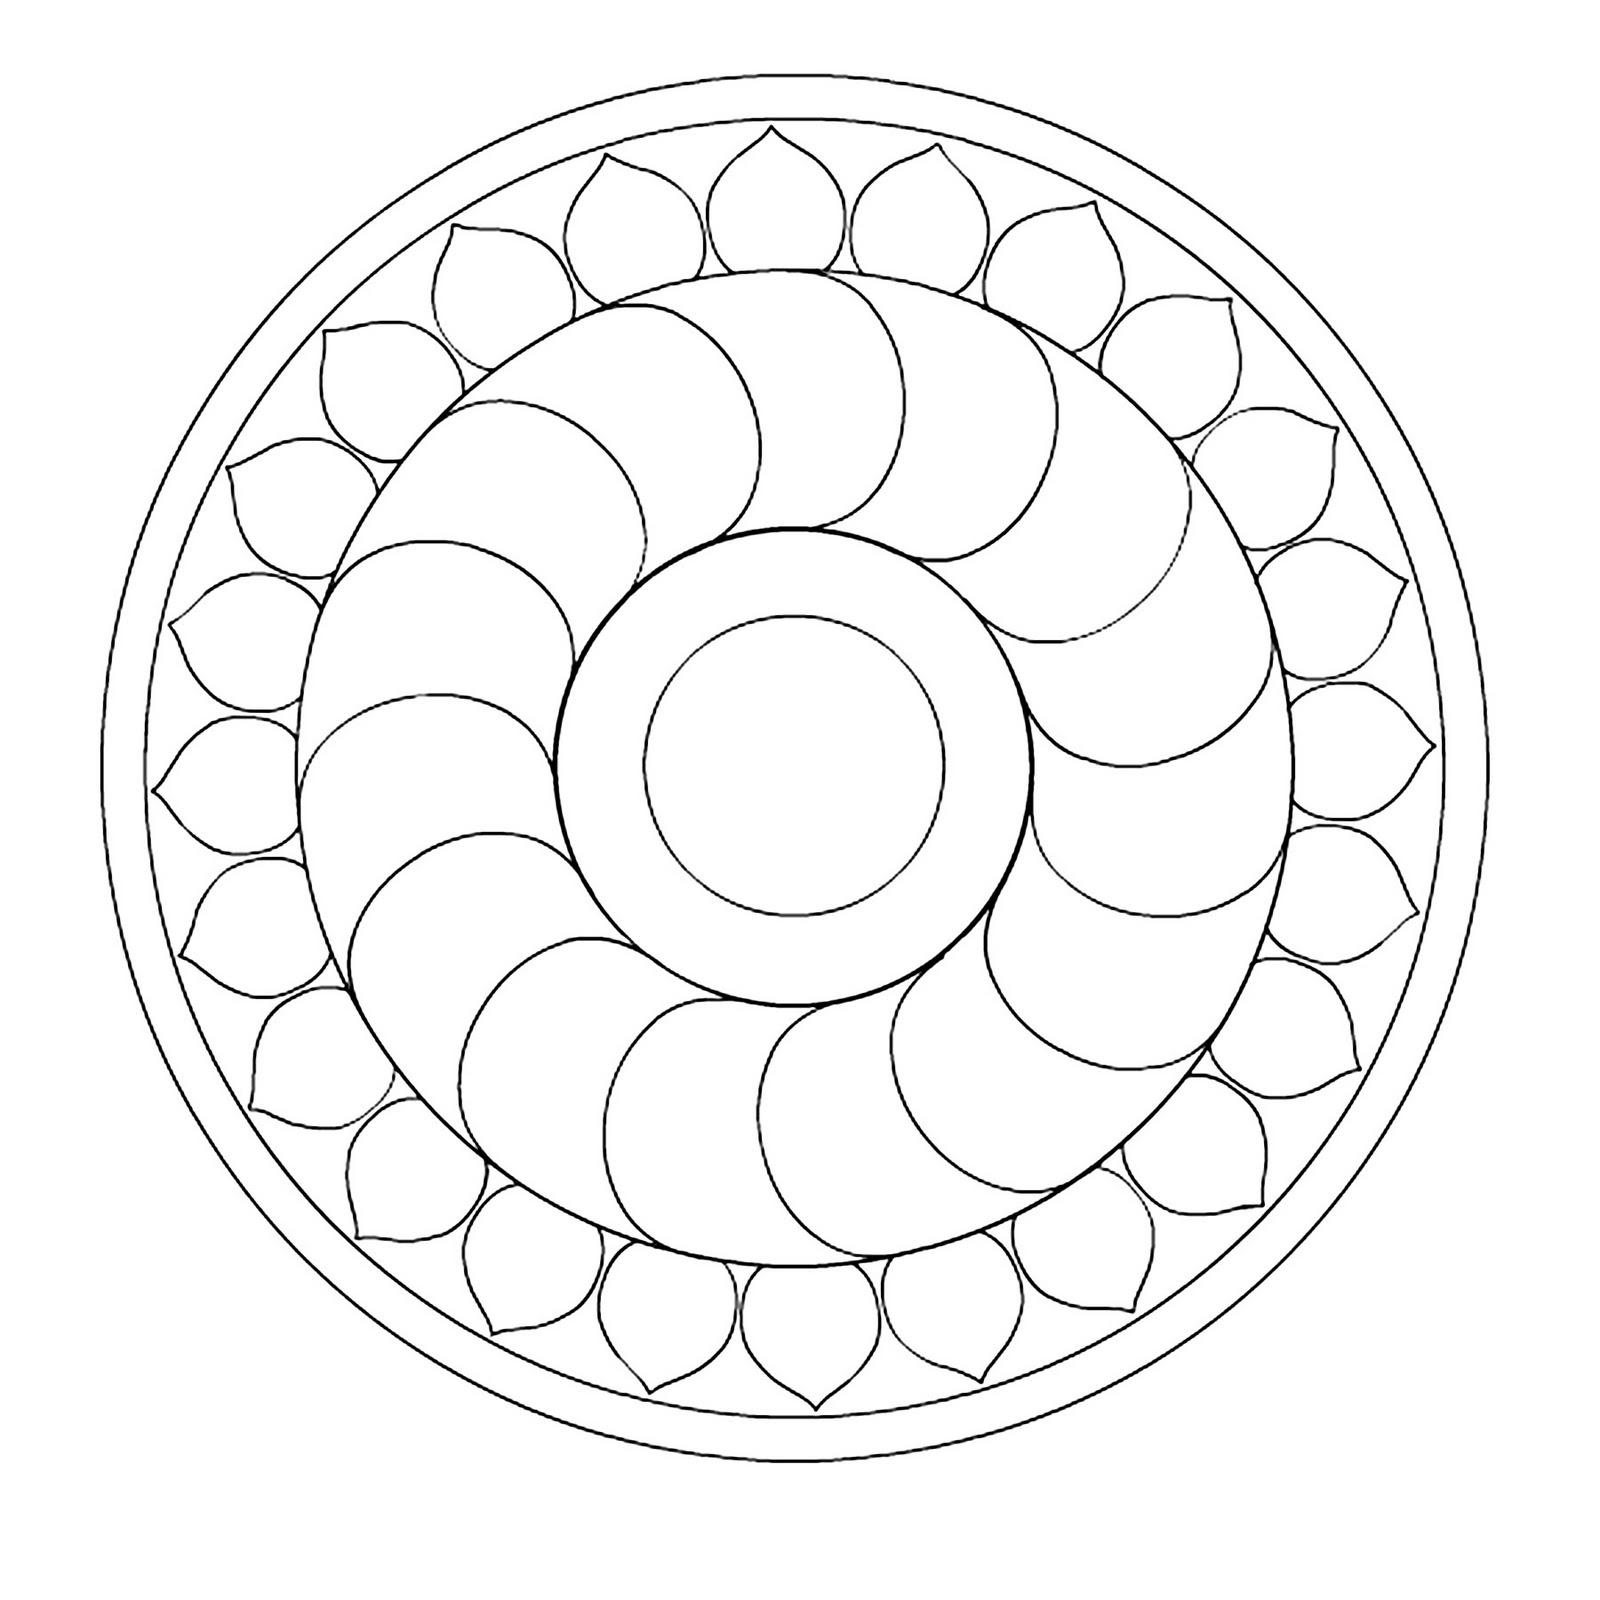 1600x1600 Mandalas And Symbols To Colour The Buddha Center